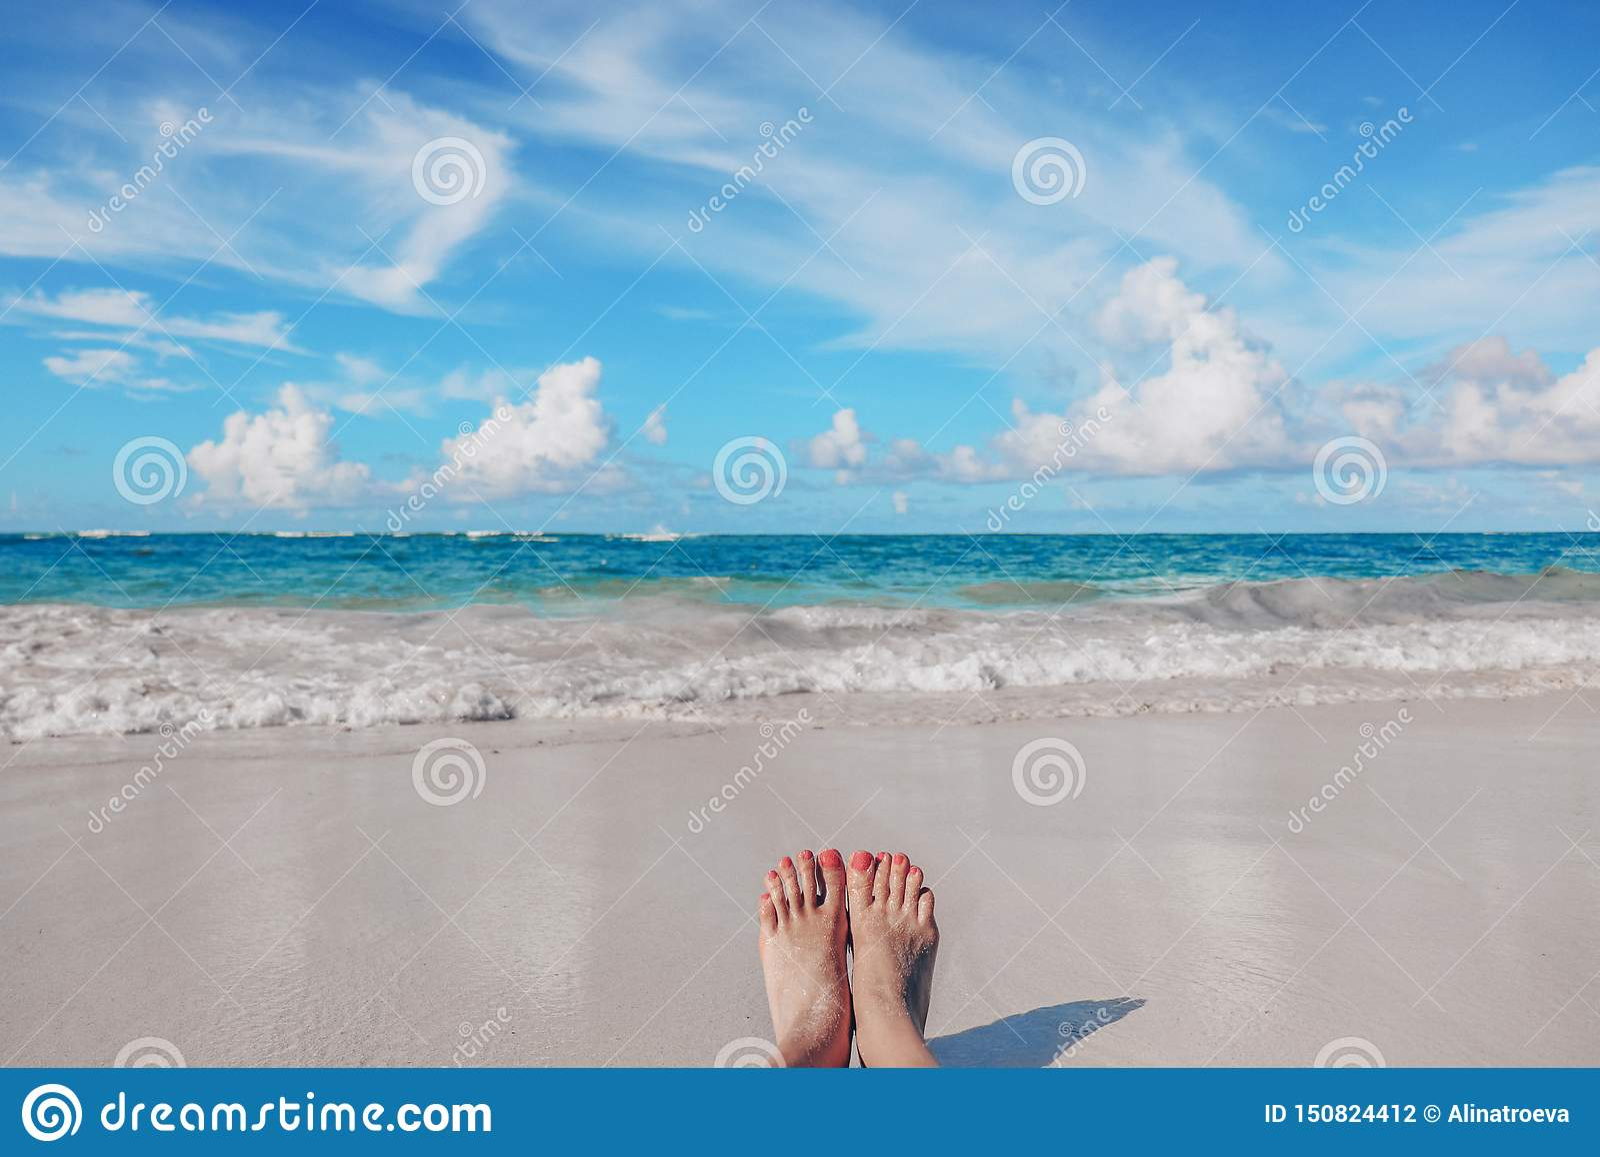 Πόδια γυναίκας στην τροπική καραϊβική παραλία Ωκεανός και μπλε ουρανός